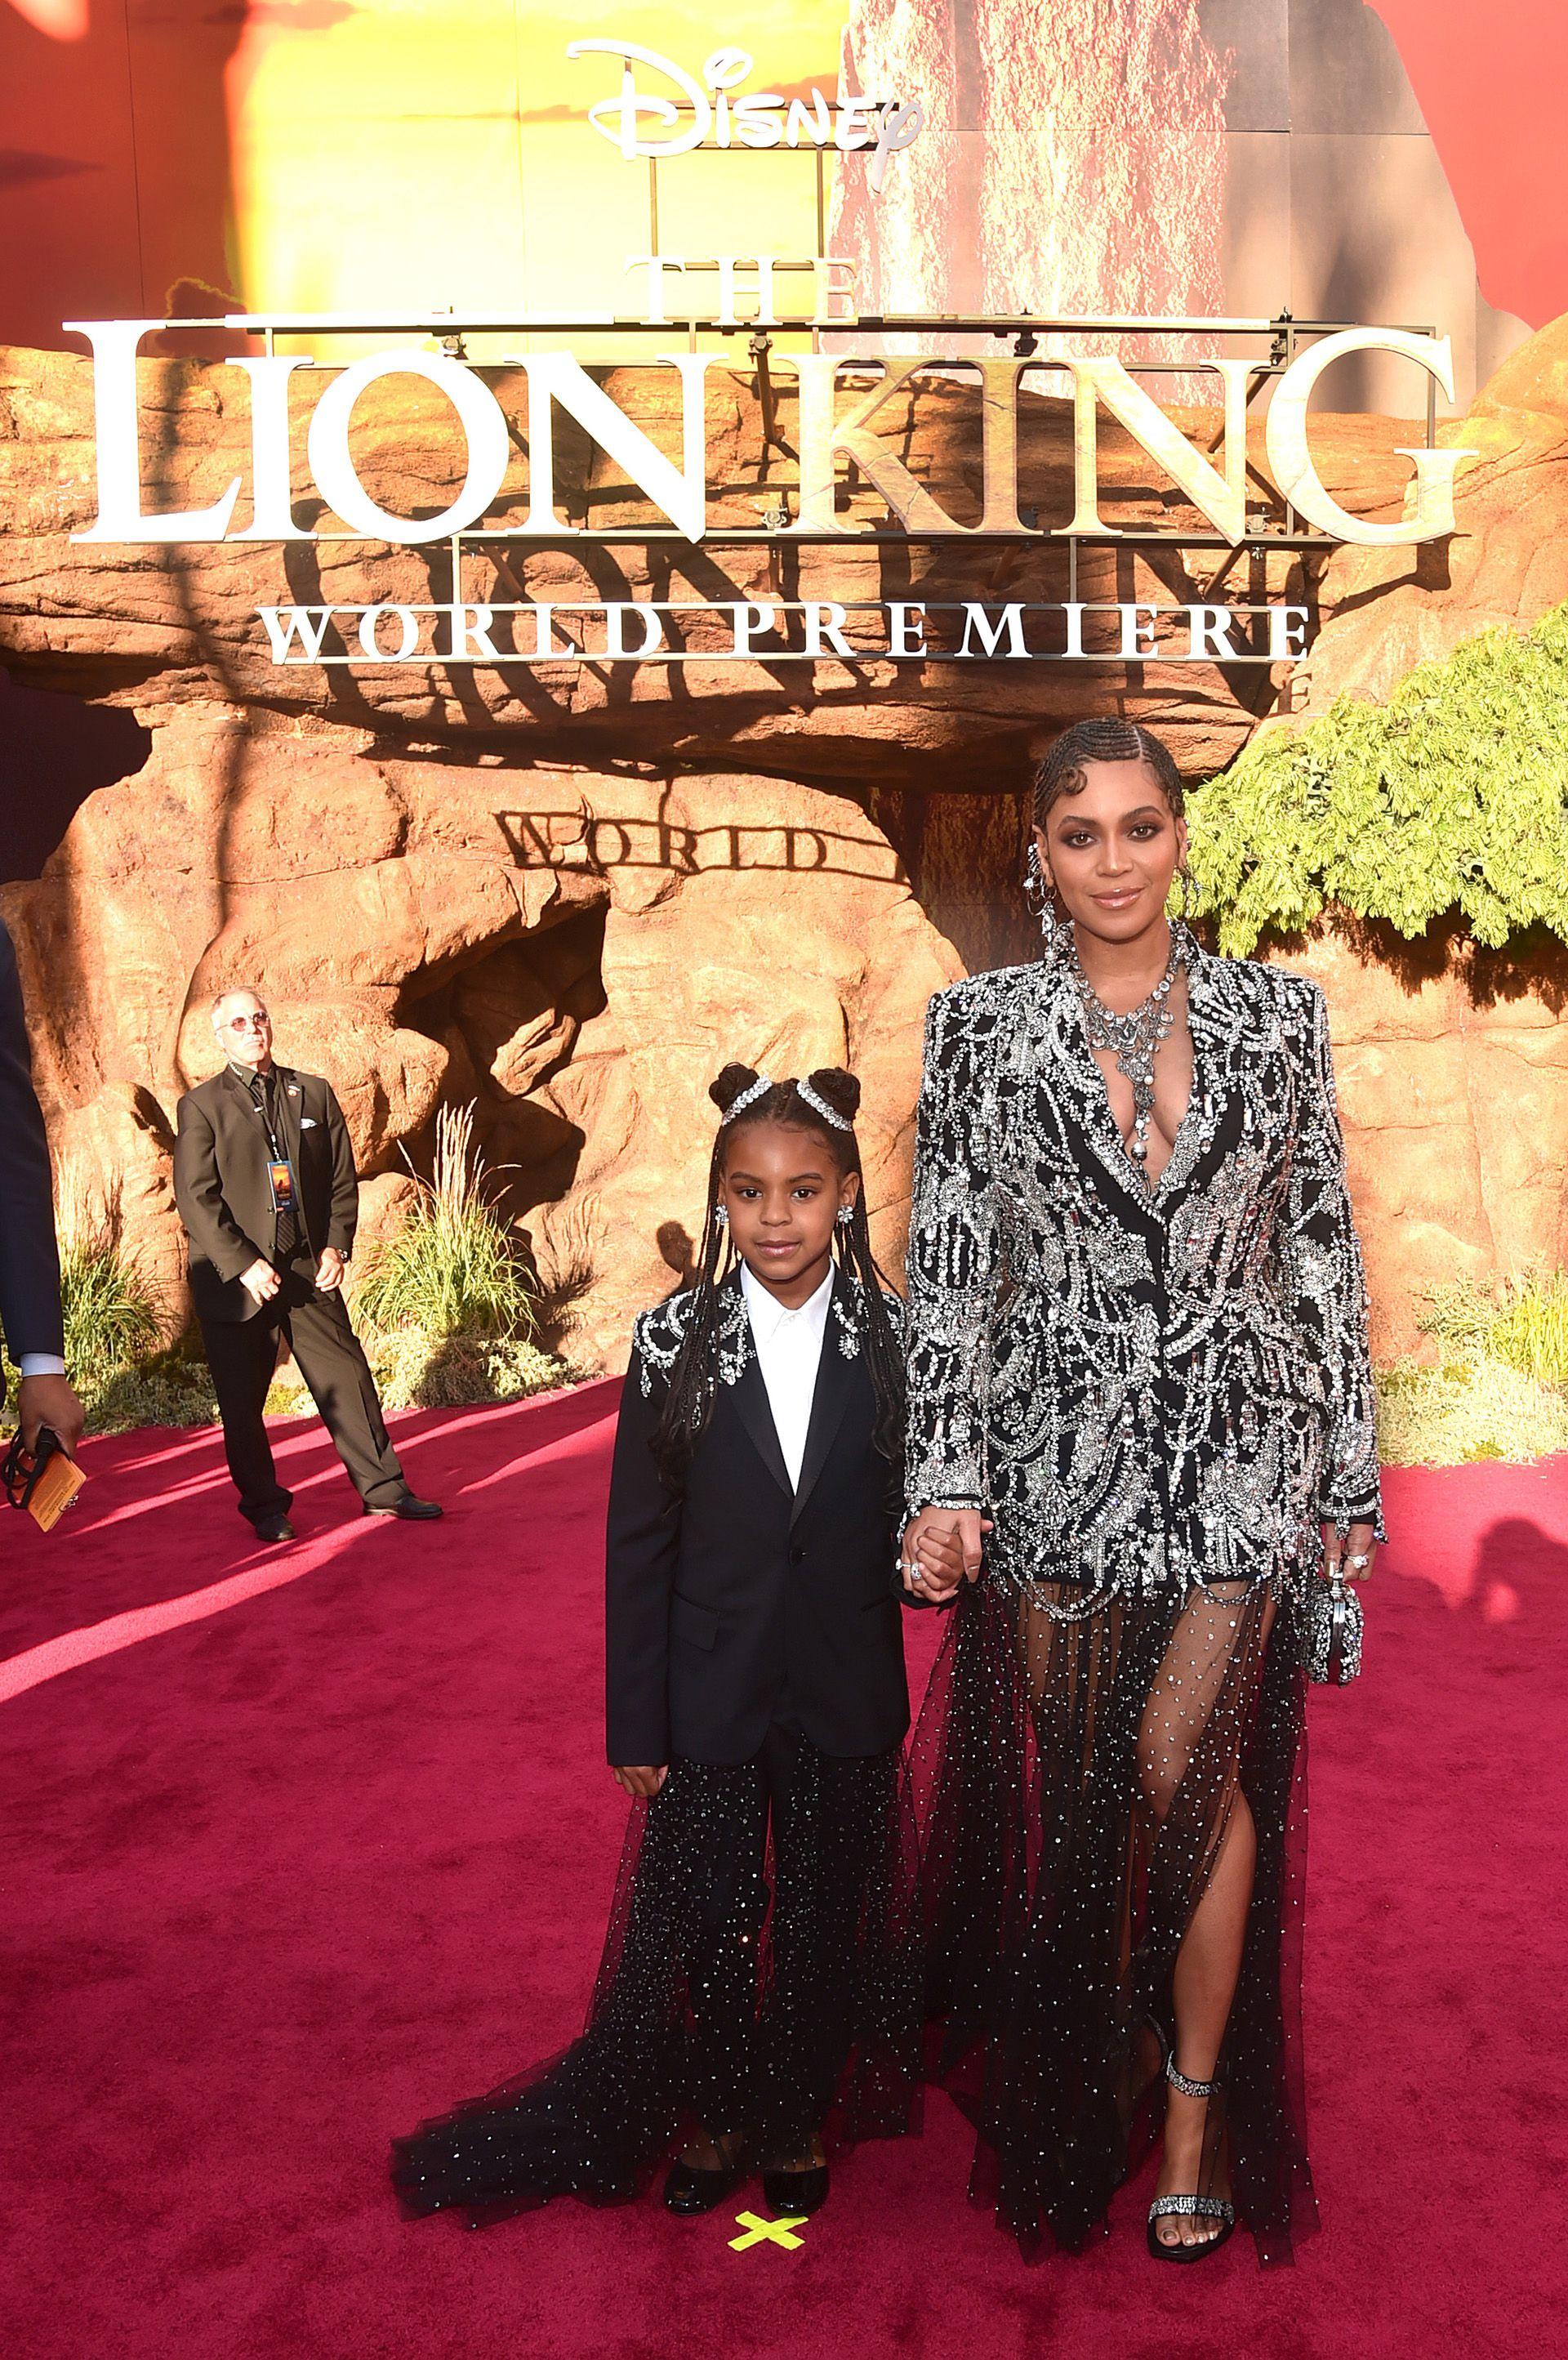 La pequeña Blue Ivy Carter junto a su madre, Beyonce Knowles-Carter en la premiere mundial del film 'El rey Leon'